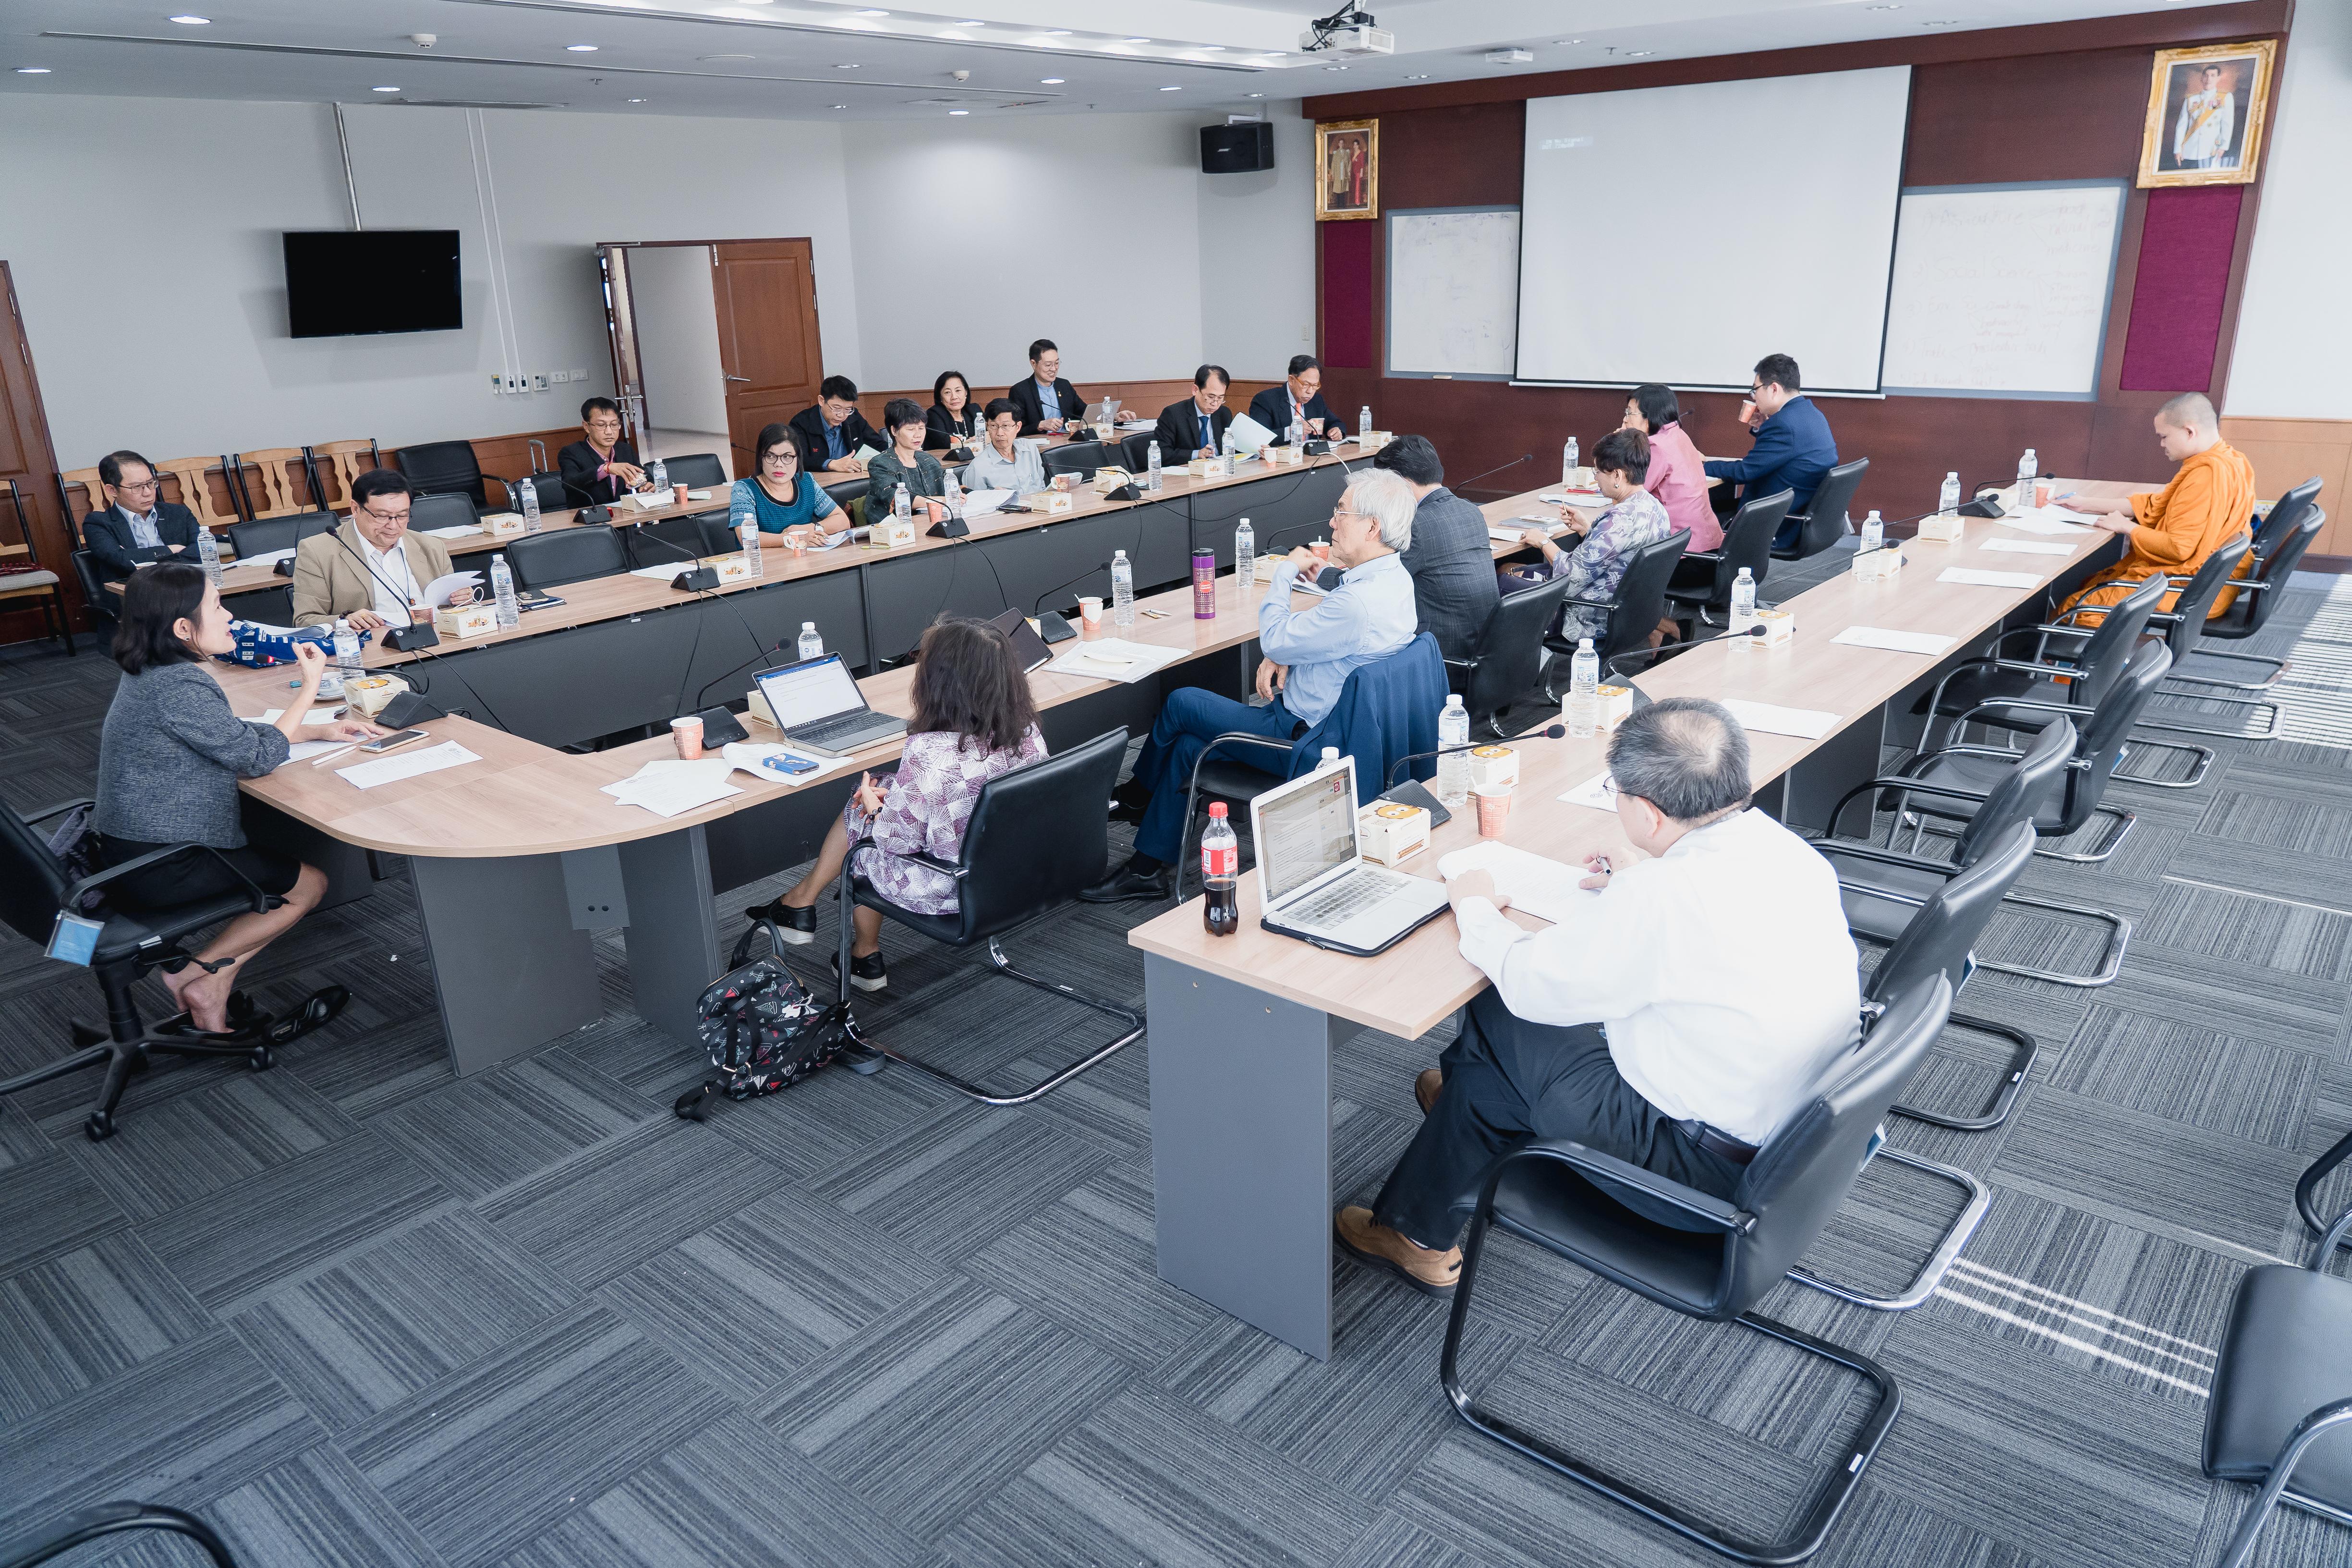 การประชุมคณะกรรมการวิชาการที่ประชุมอธิการบดีแห่งประเทศไทยครั้งที่ 3/2561